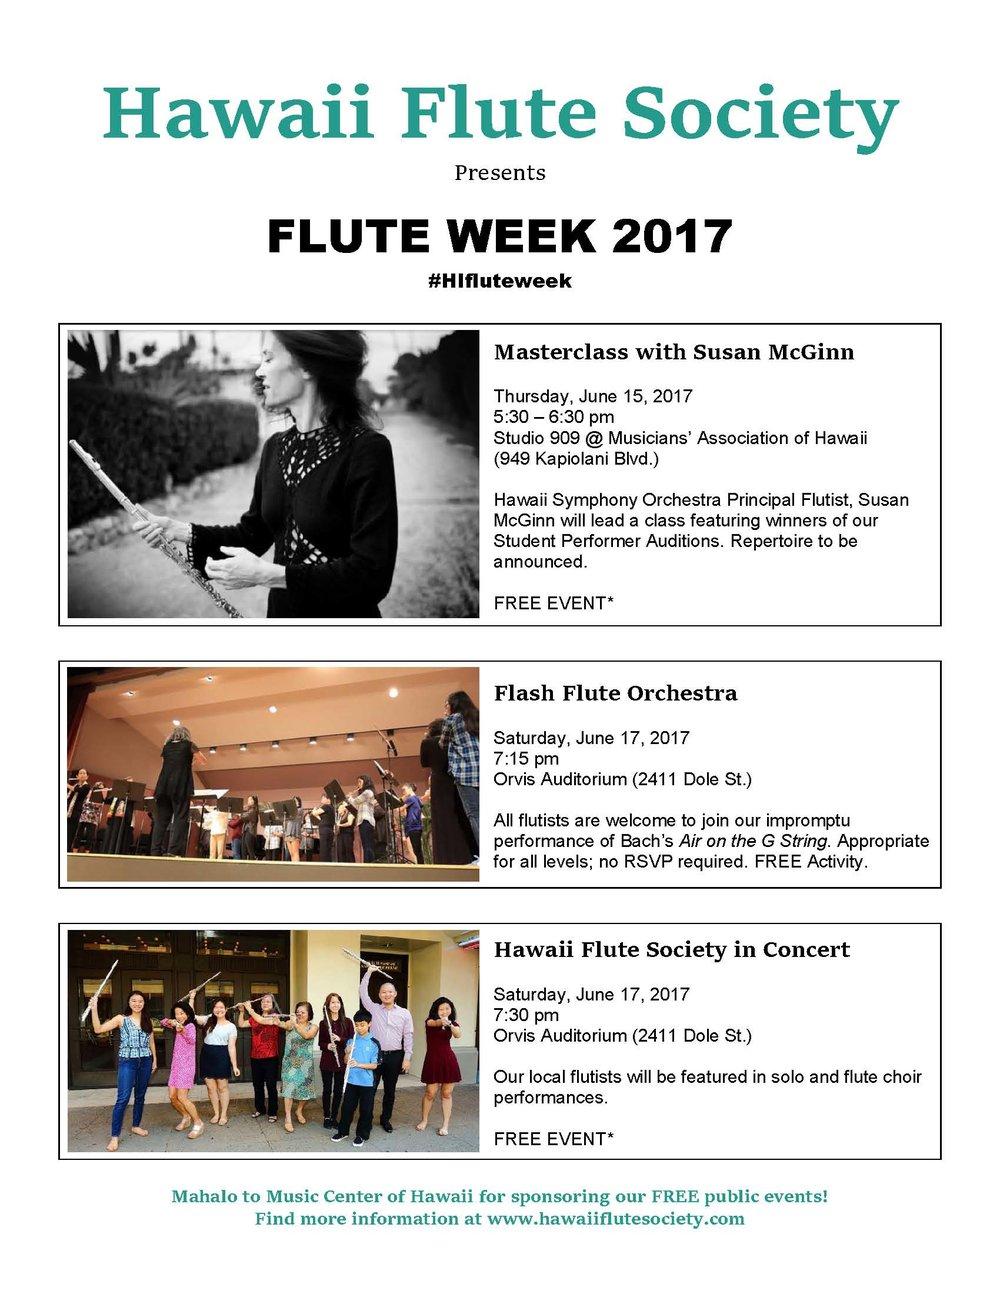 Hawaii Flute Fair Poster 2017